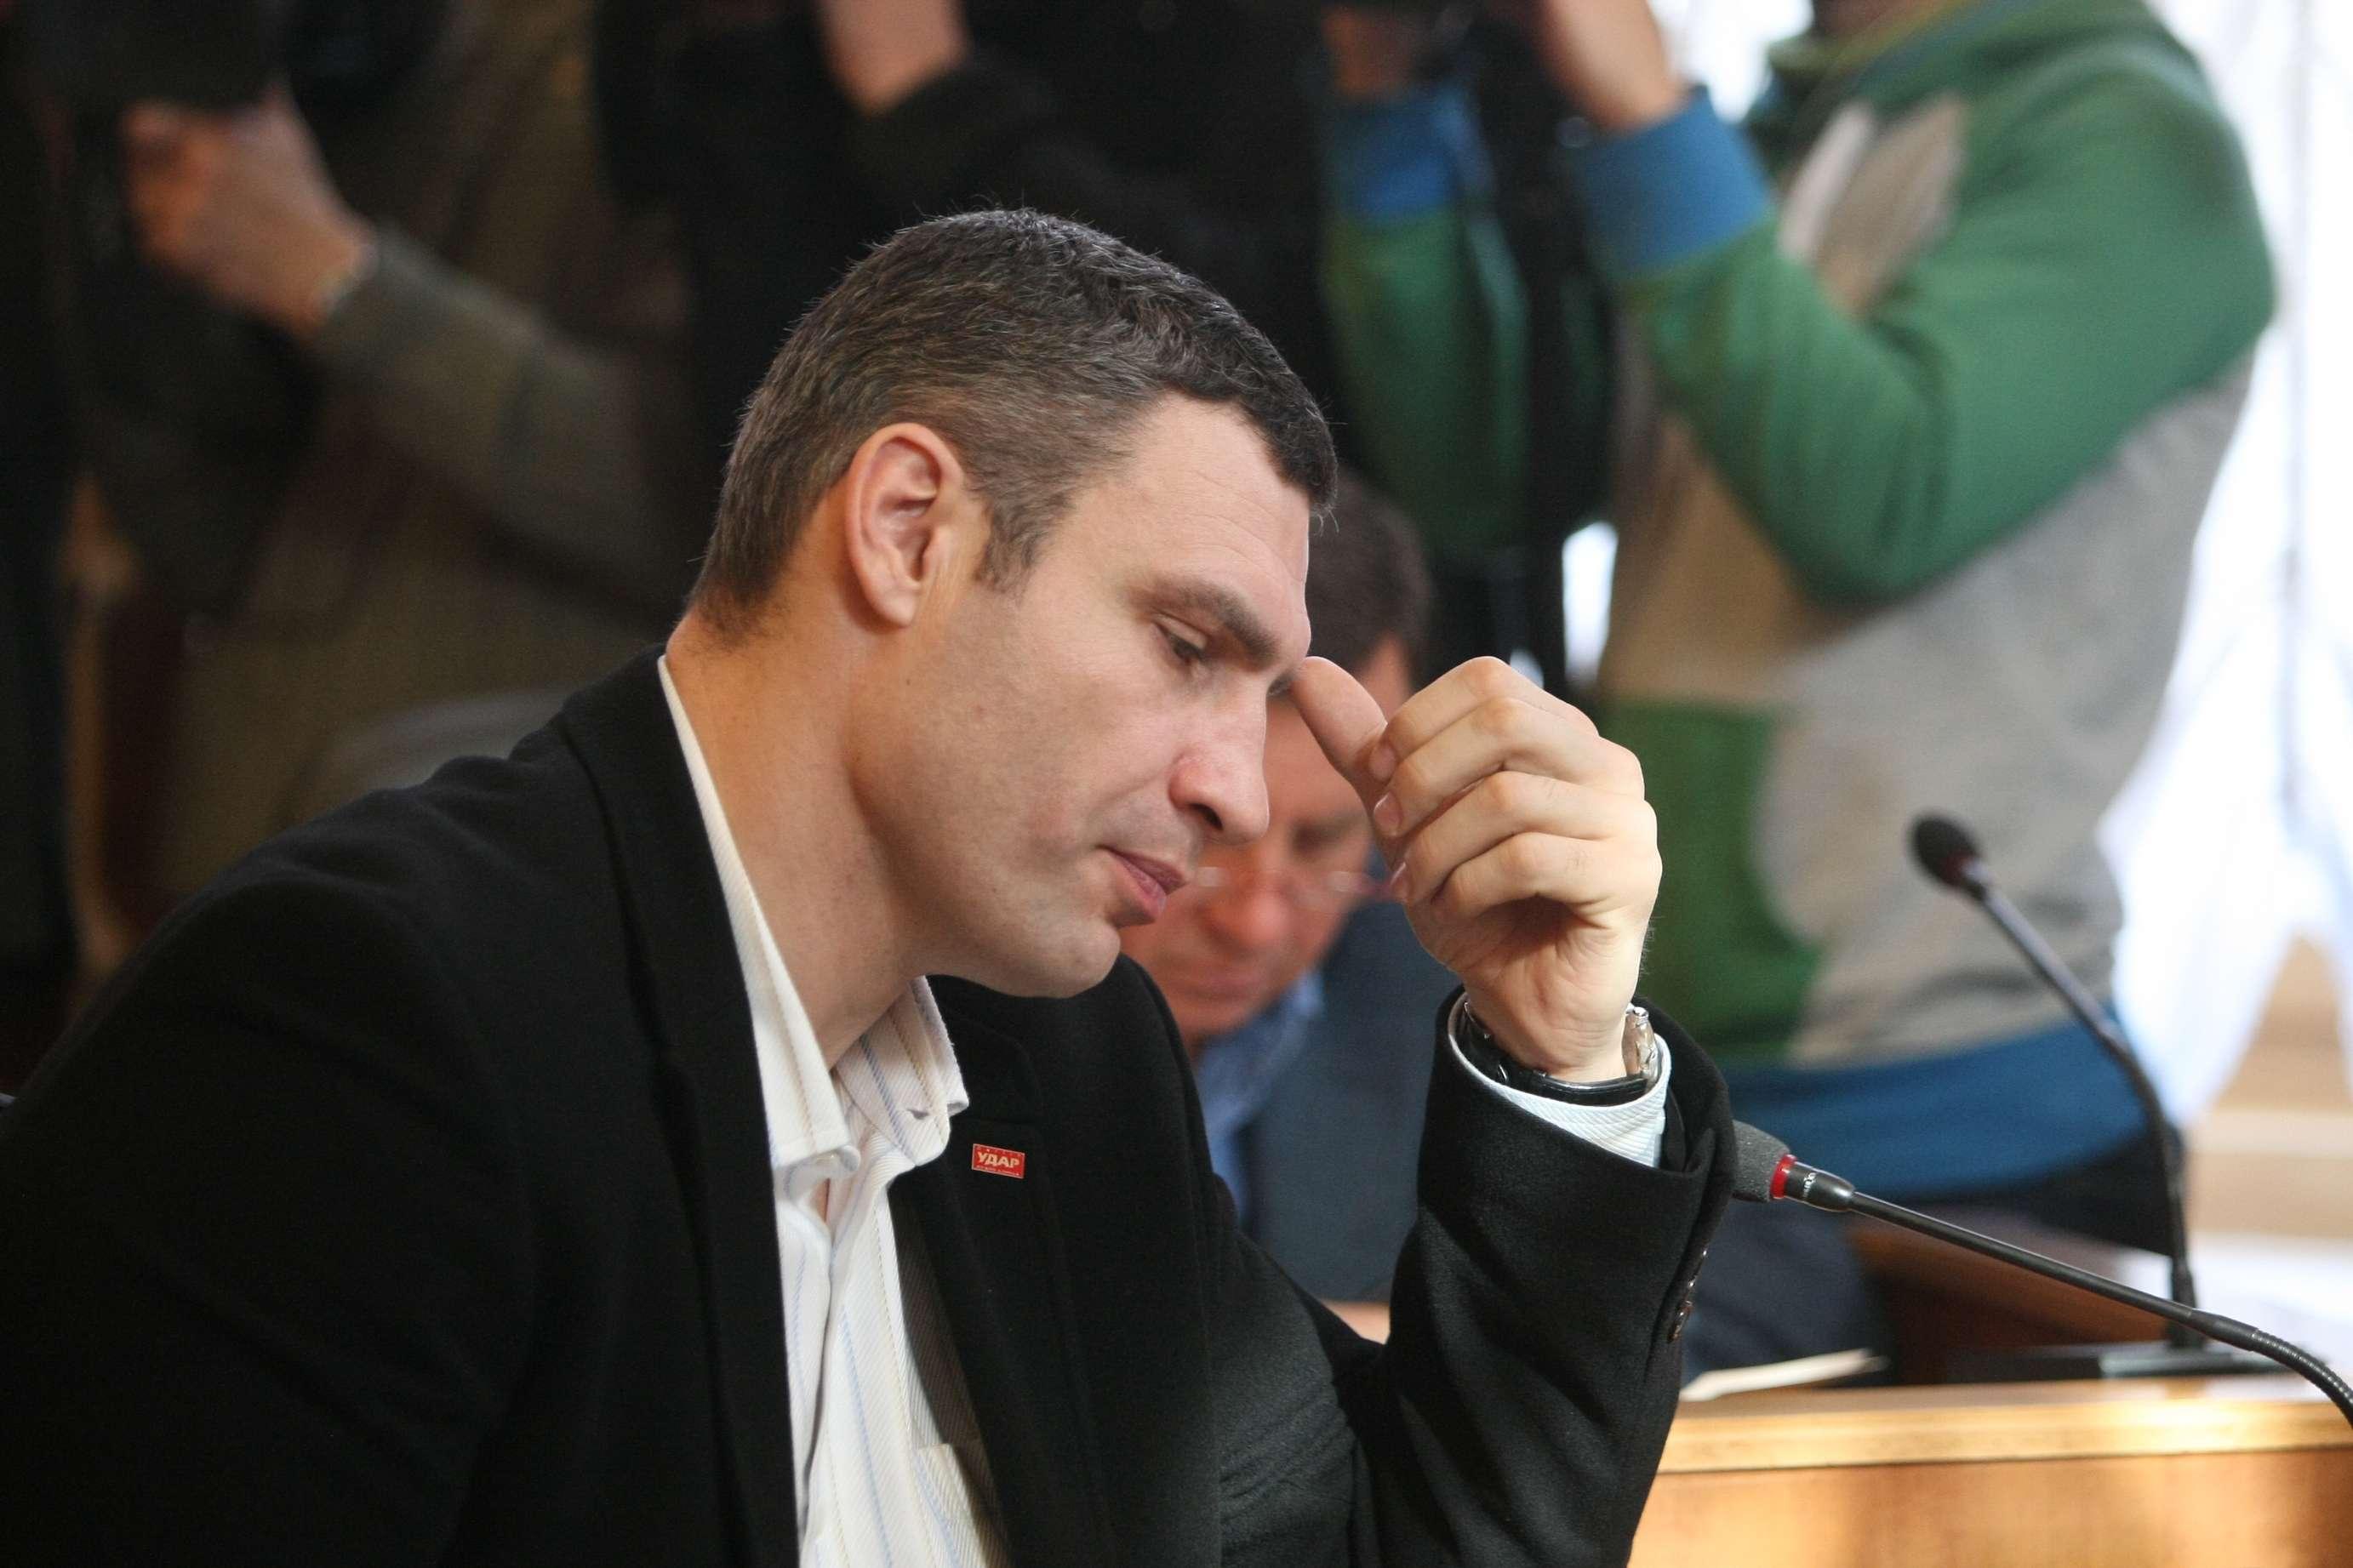 Попросил сделать это за него: Кличко рассказал, как решил избавиться от своих заместителей